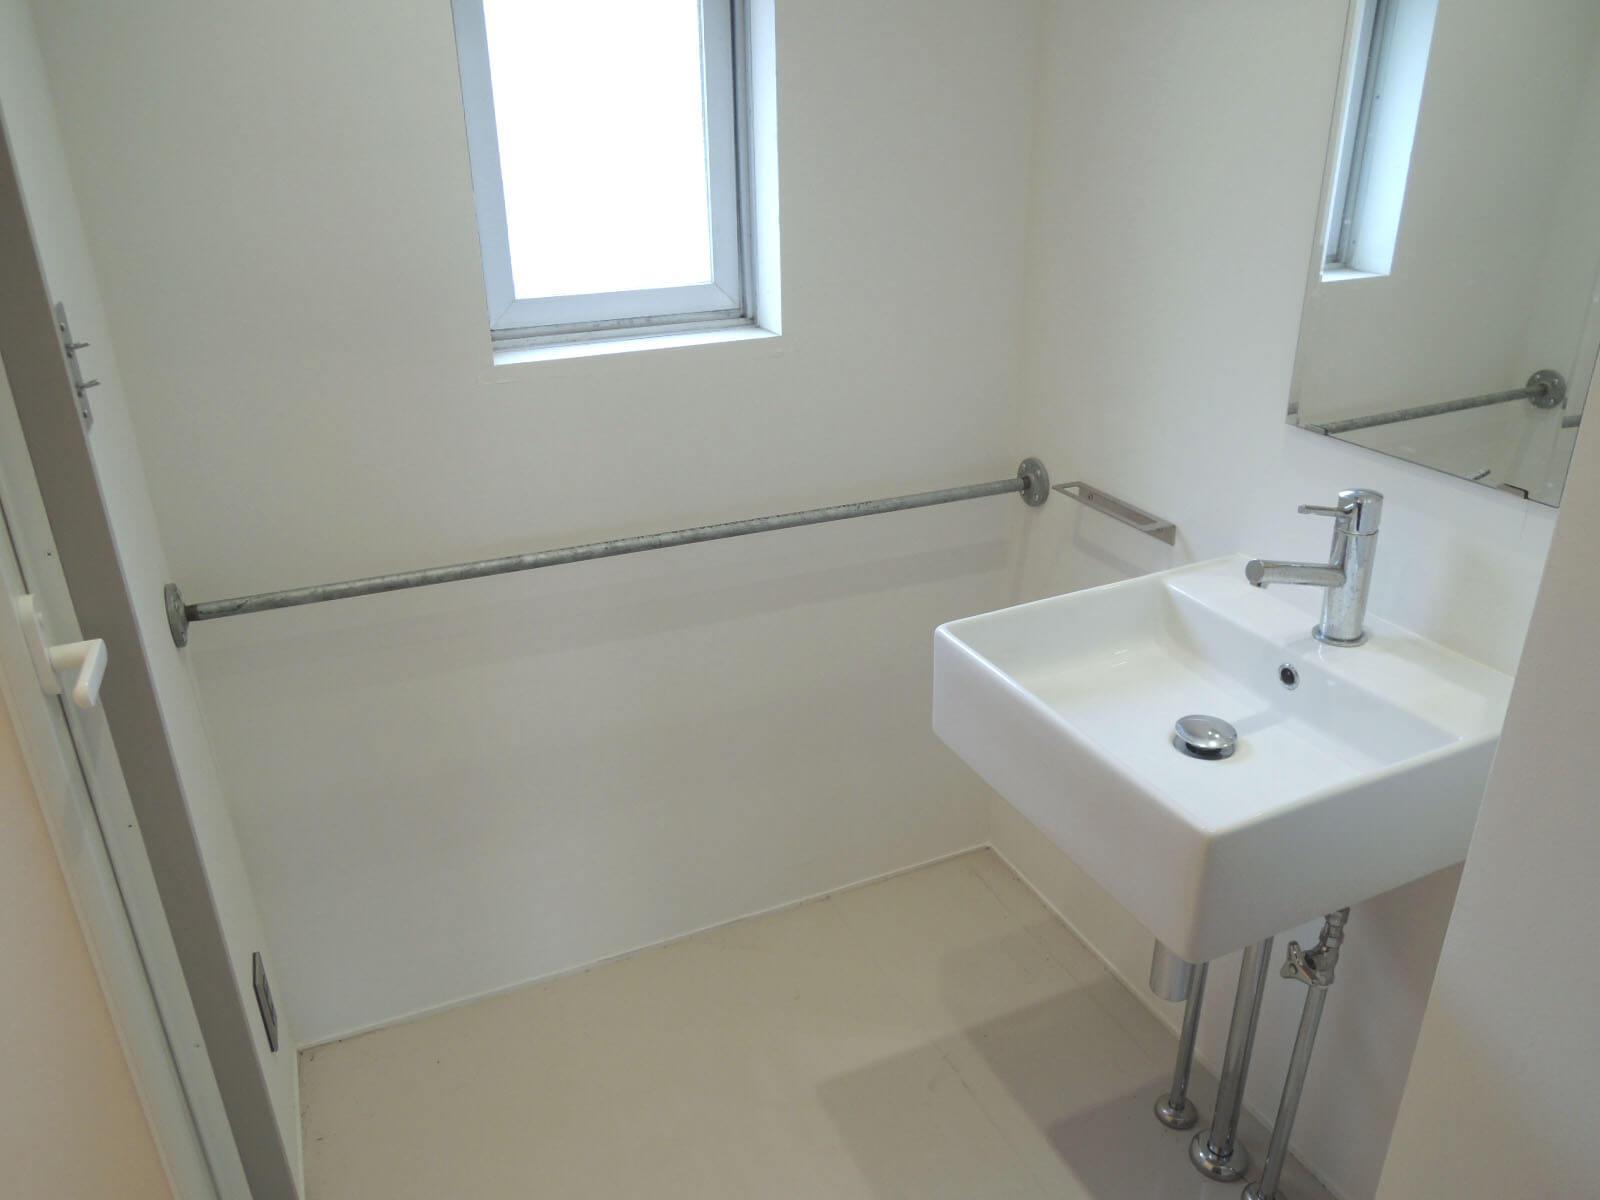 【家】窓があり明るい洗面所、何気ない壁のバーが重宝しそう